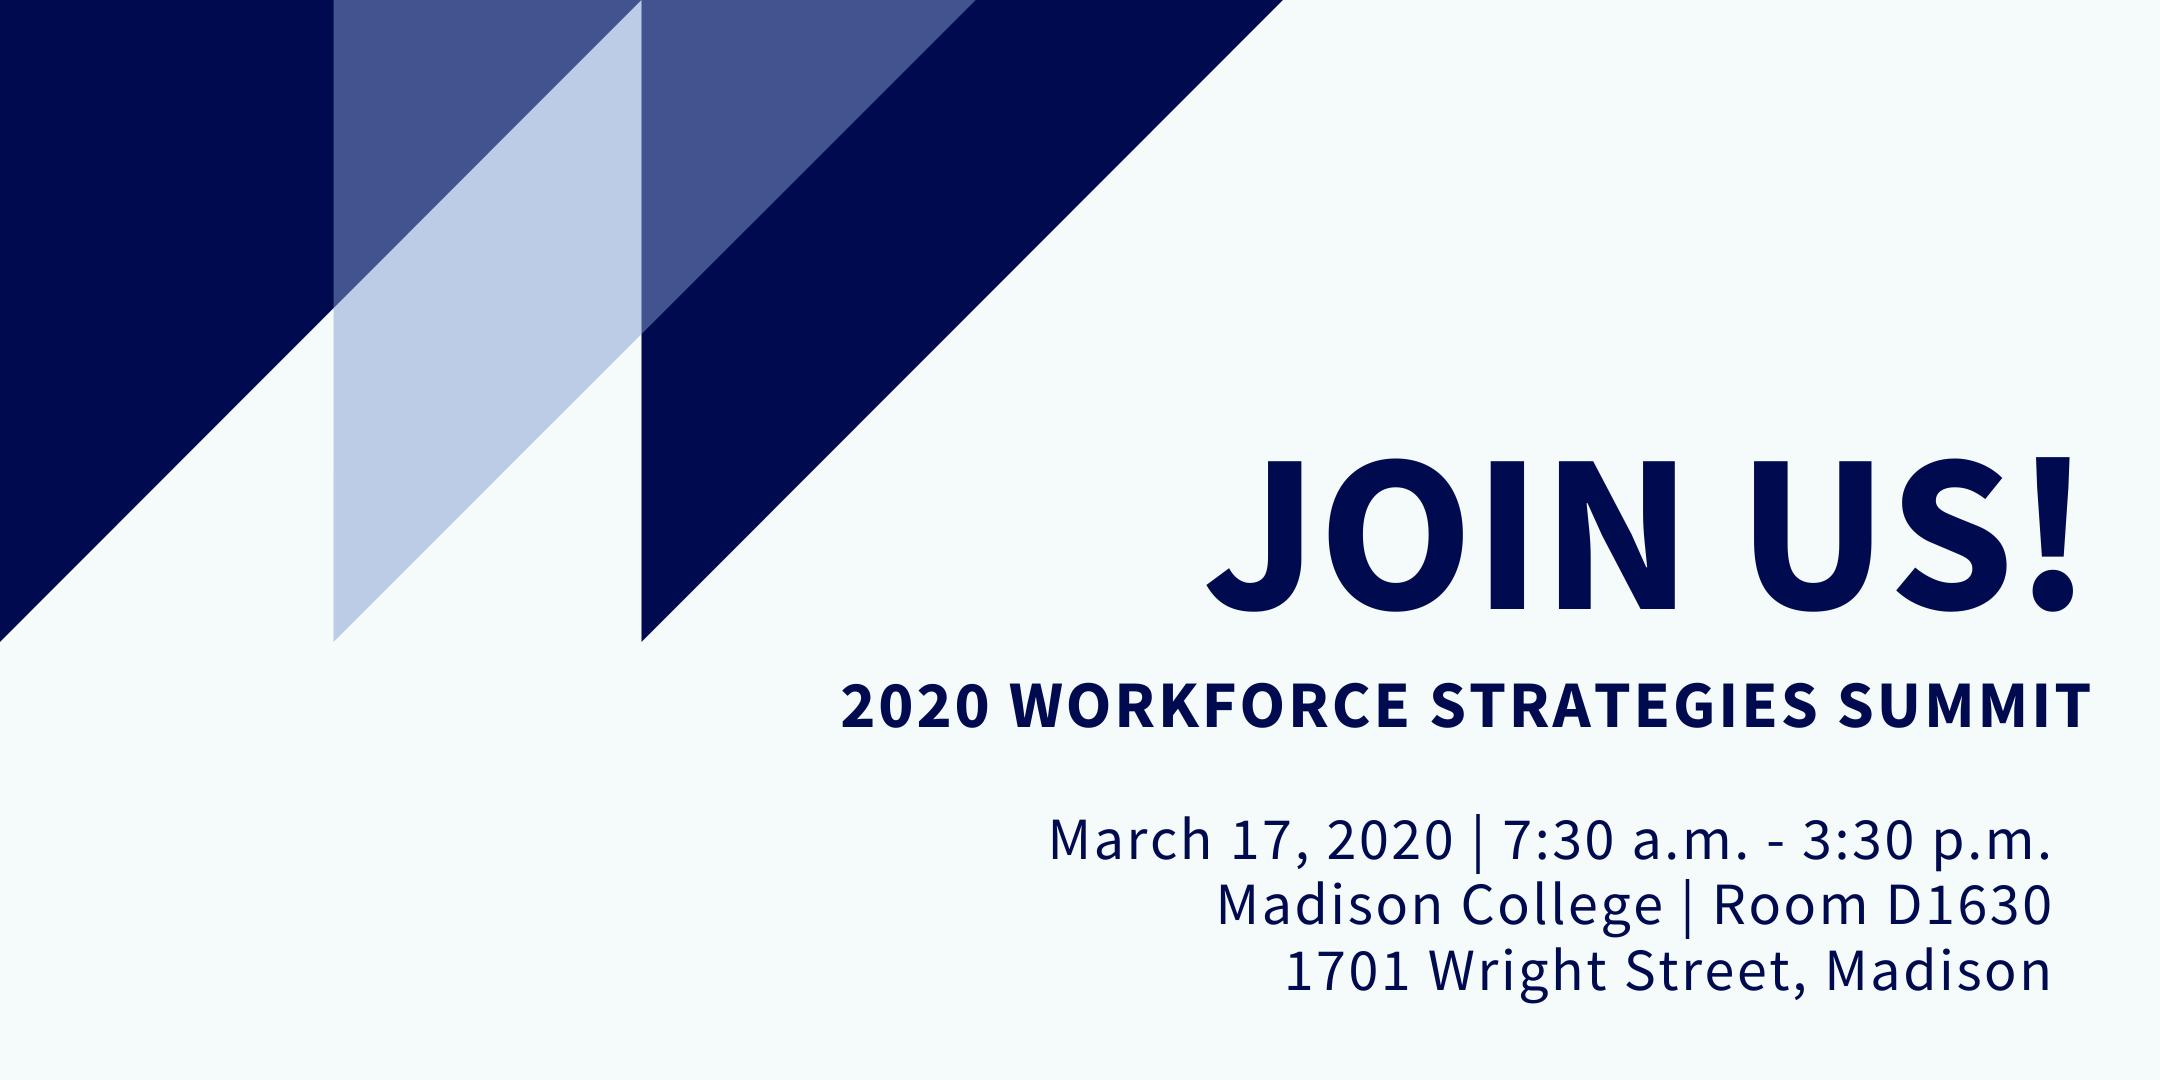 Workforce Strategies Summit design